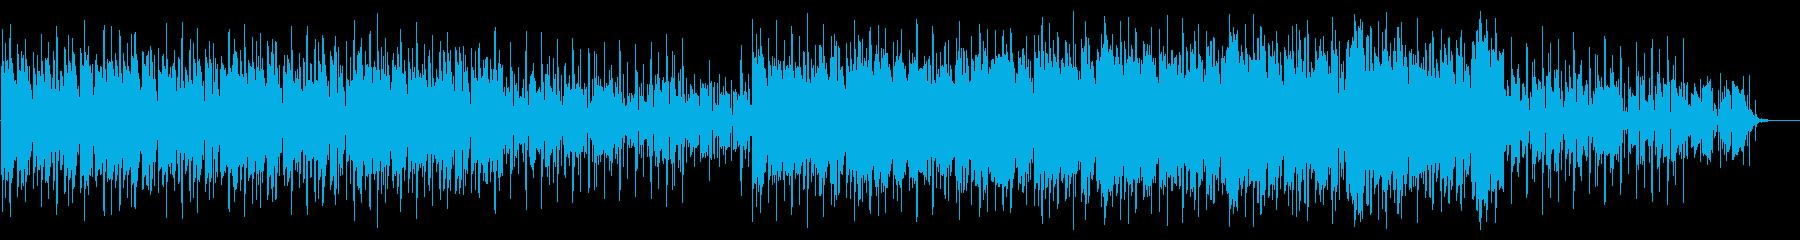 グリッチ、シーケンス_ノイズ減の再生済みの波形